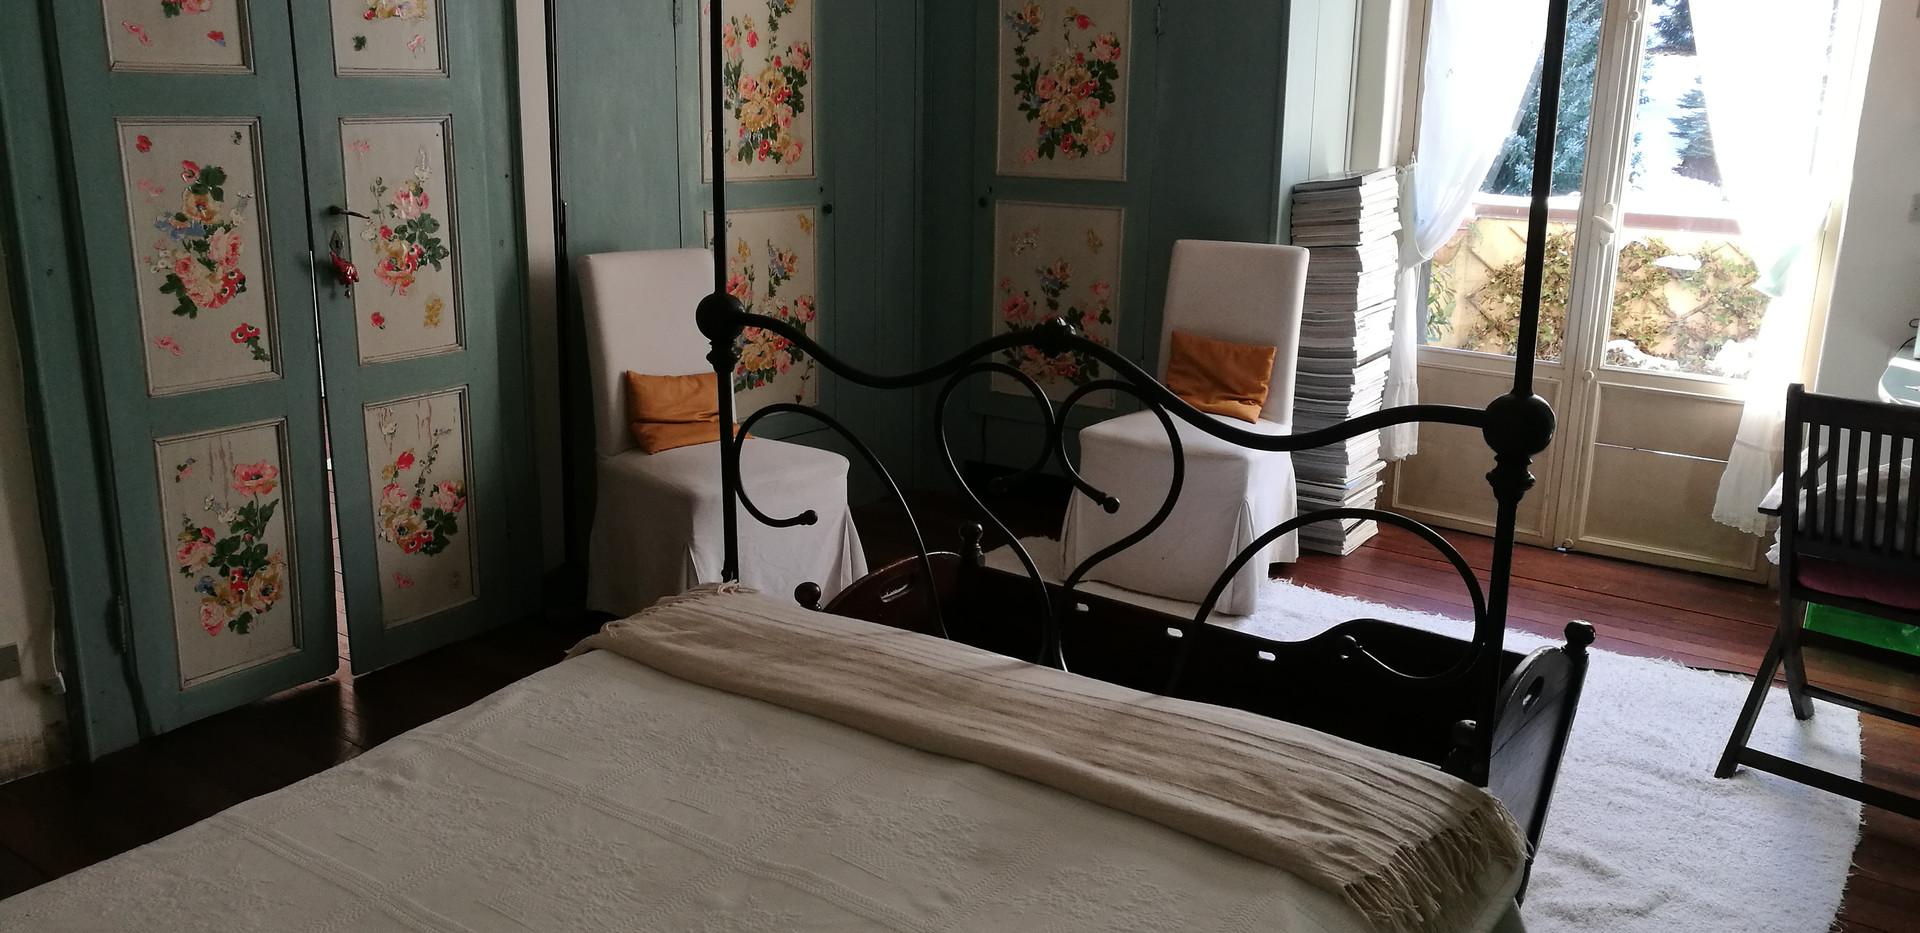 camera fiori (3).jpg